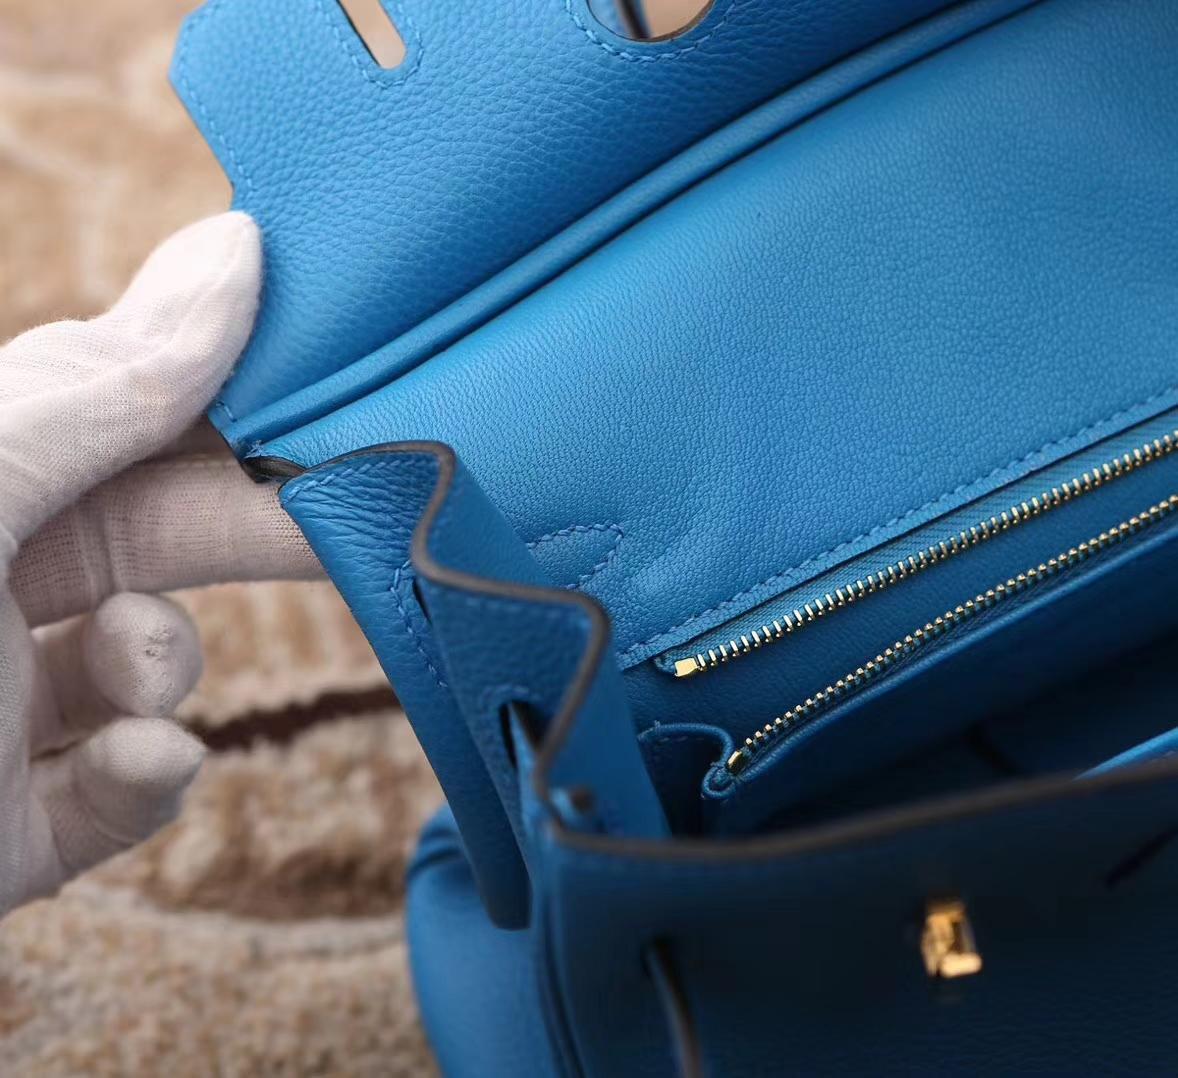 Hermes爱马仕 Birkin 25 B3 坦桑尼亚蓝 原厂御用顶级小牛皮金扣 现货